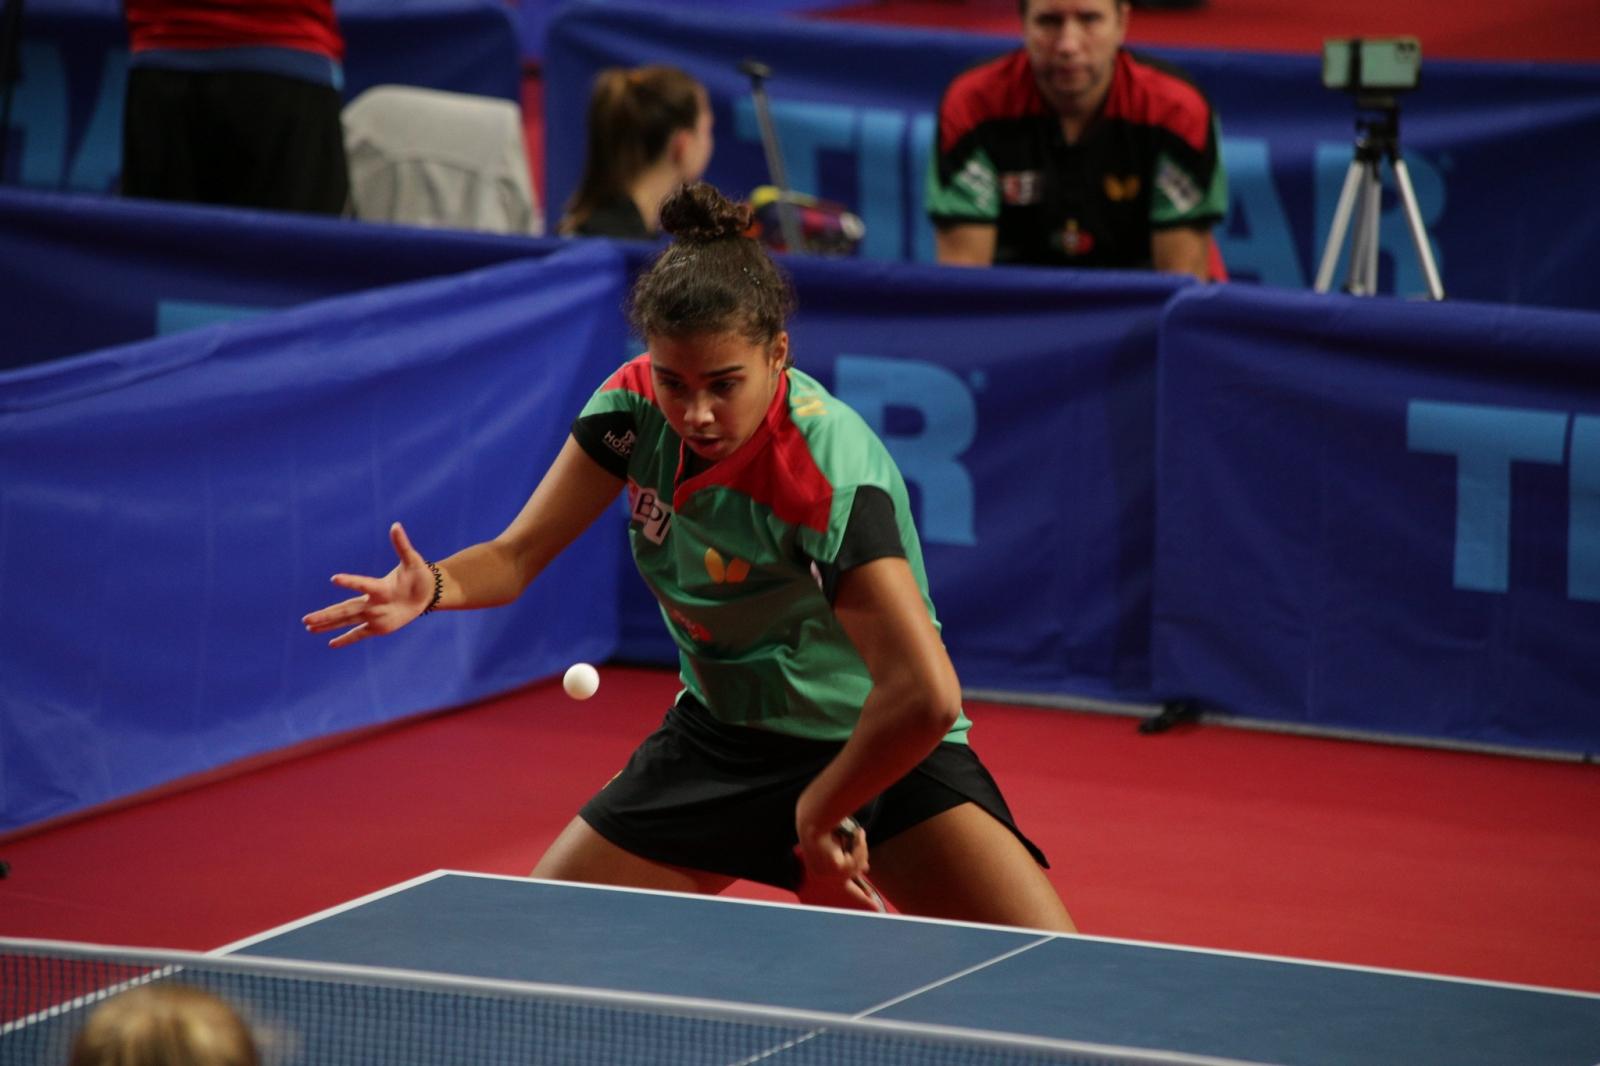 Matilde Pinto alcança 7.º lugar no Top 10 Europeu de jovens